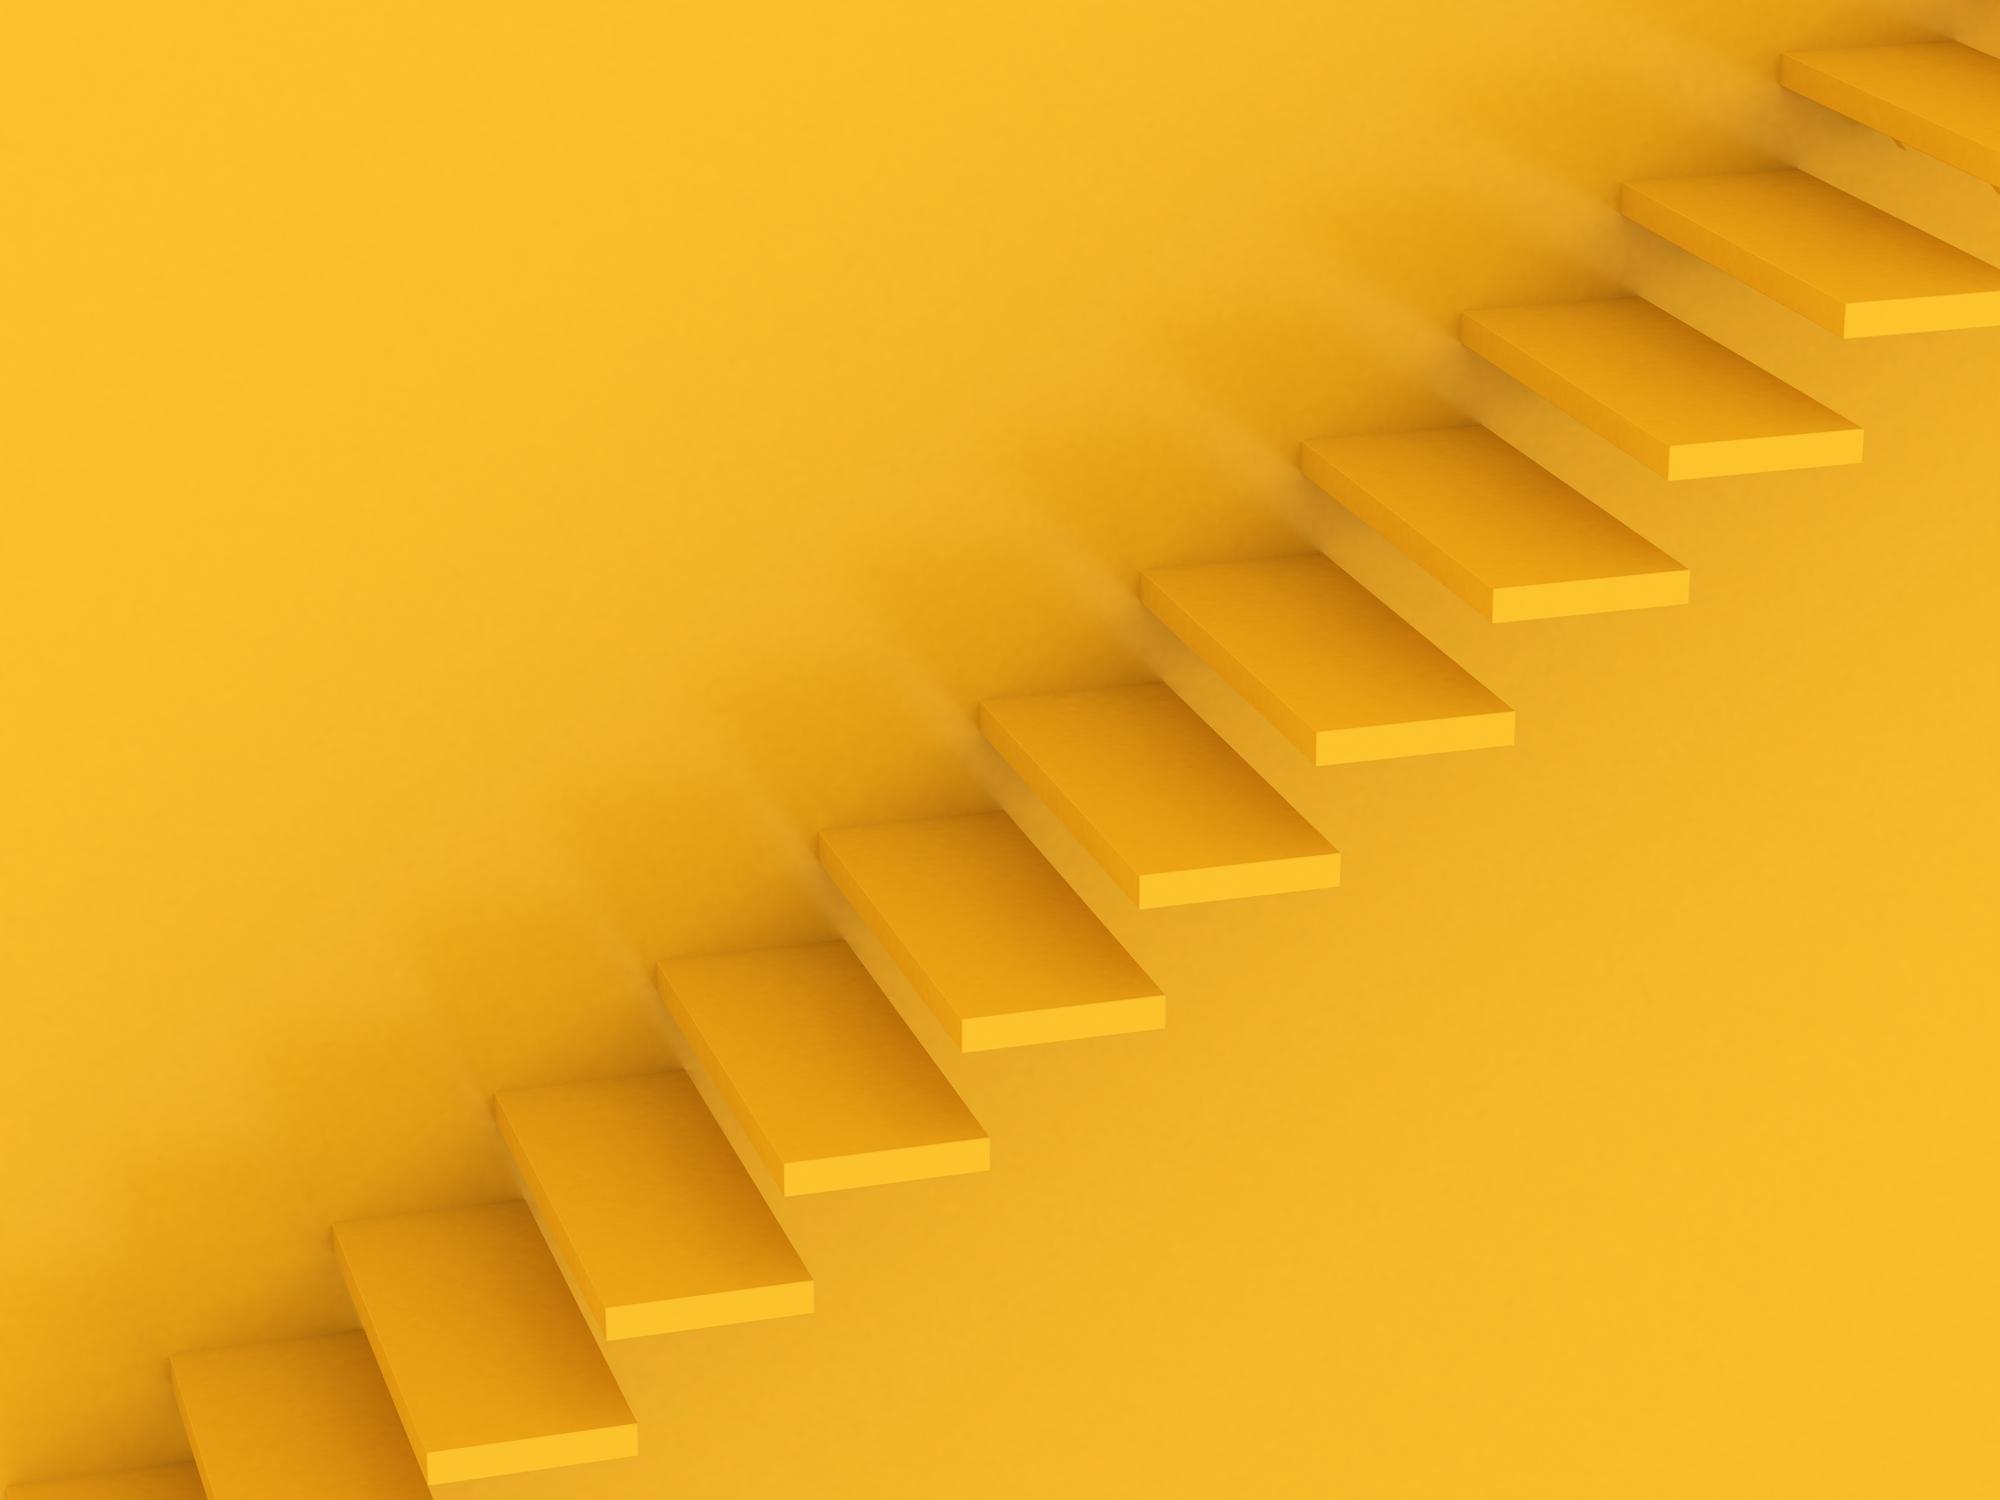 Escalier peint en jaune